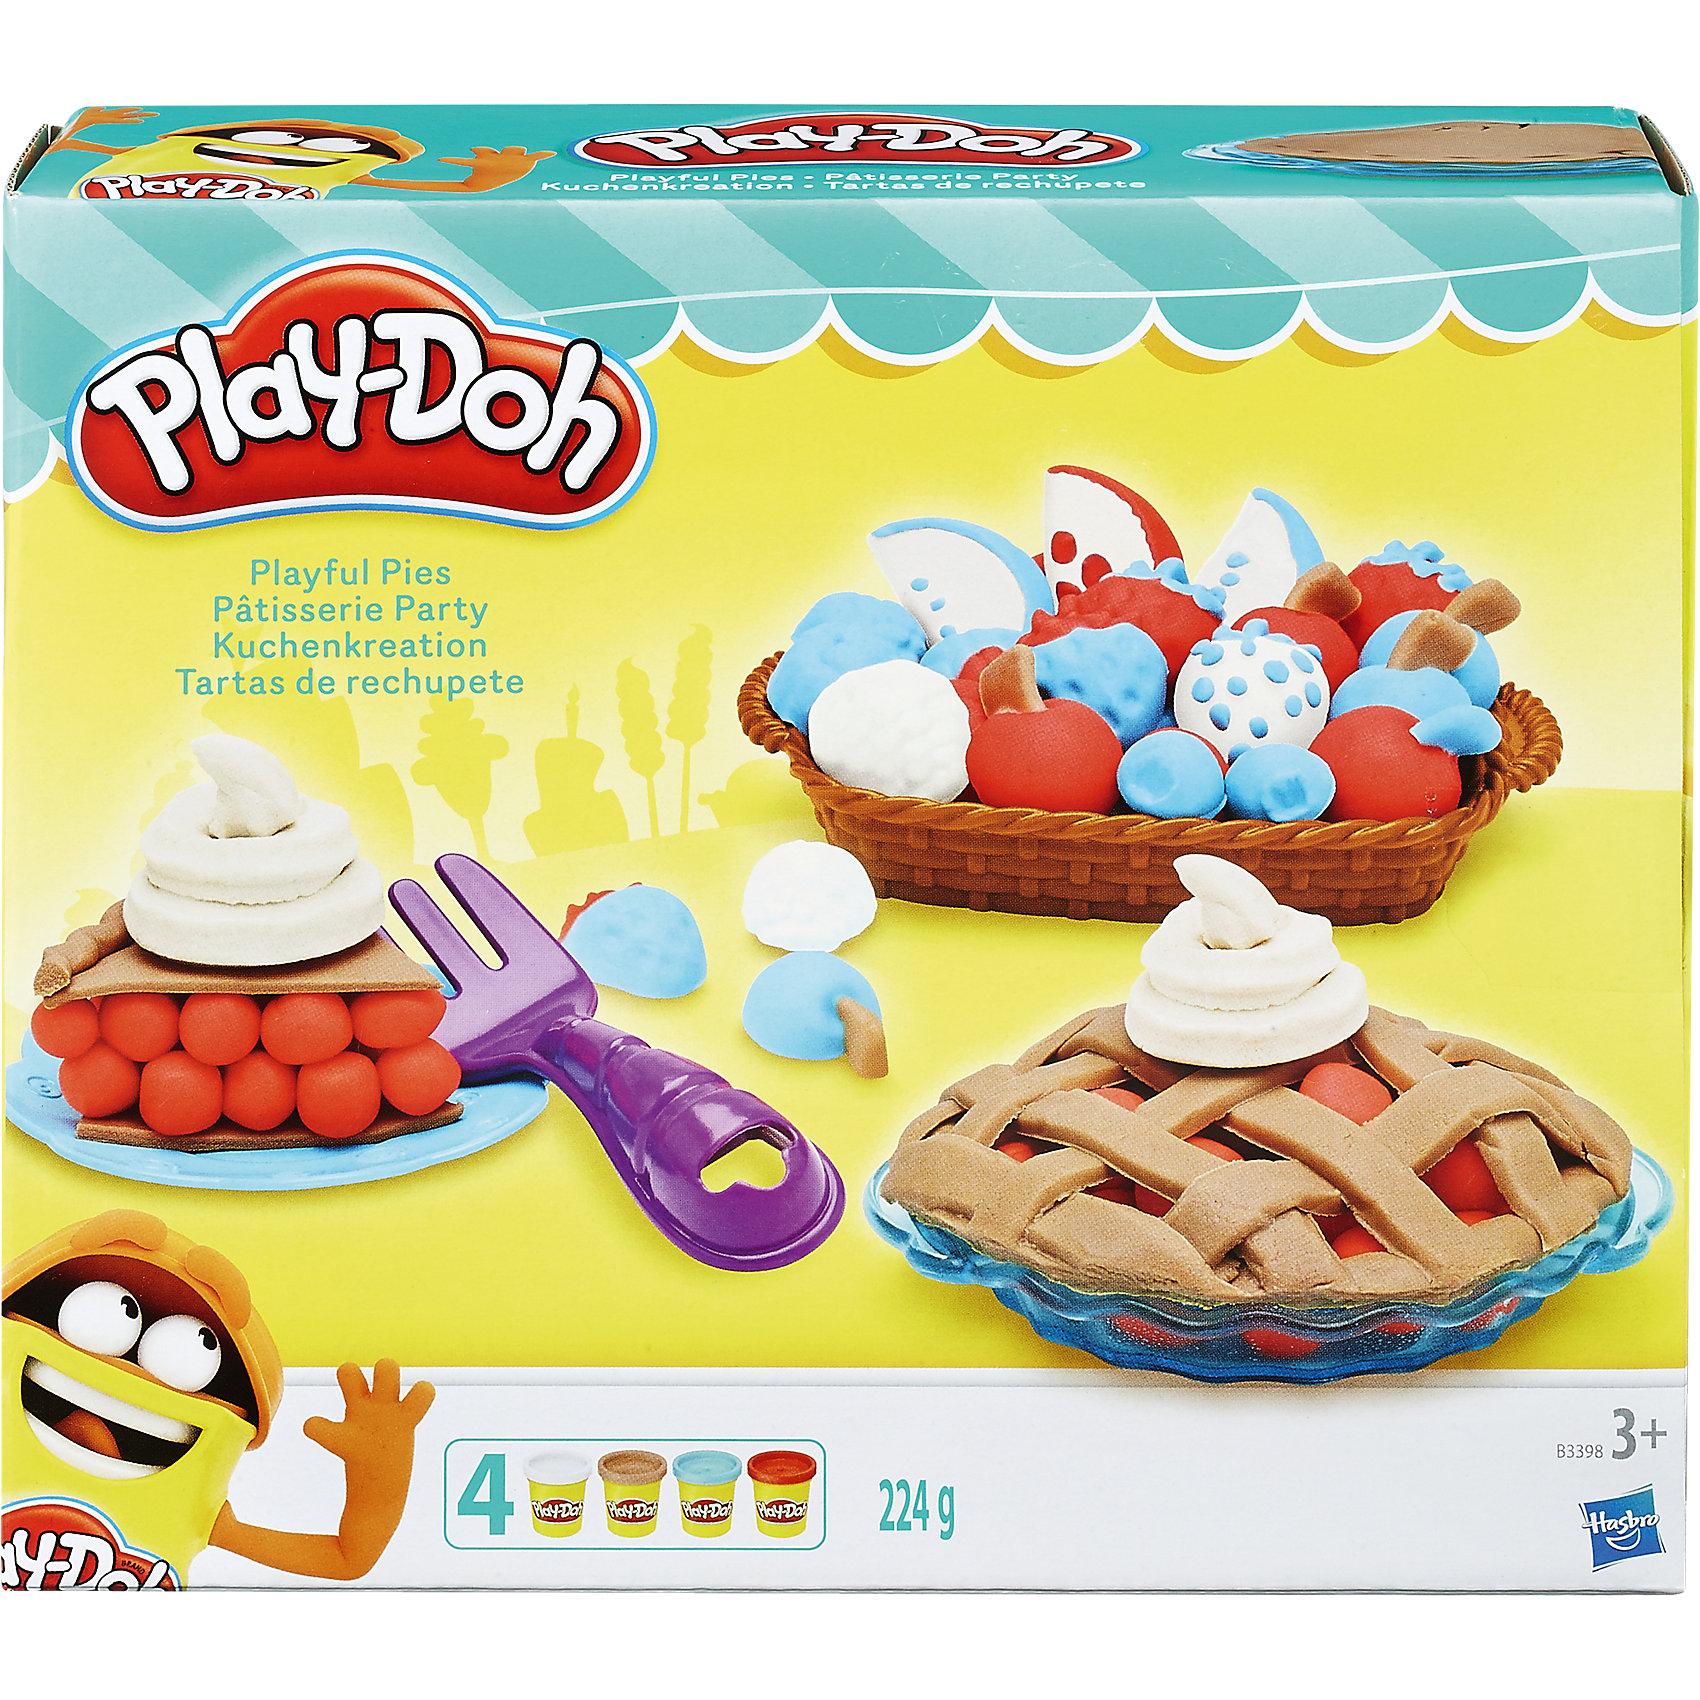 Игровой набор Ягодные тарталетки, Play-DohНаборы для лепки<br>Игровой набор Ягодные тарталетки, Play-Doh, превратит лепку в веселую увлекательную игру. Ваш ребенок сможет попробовать себя в роли искусного кондитера и приготовить аппетитные тарталетки с ягодами. Для этого в наборе есть все необходимое: баночки с массой для лепки, совок, вилка, дозатор, тарелочки для пирожных и корзинка с фигурным дном. Набор позволяет воплотить все свои фантазии и создавать неповторимые кулинарные шедевры - красивые торты, пирожные с фруктами или ягодные пироги. Пластилин Play-Doh отличается высоким качеством, безопасен для детей, легко разминается, не липнет к рукам и не пачкает одежду. Занятия лепкой развивают у ребенка фантазию, творческие способности и объемное воображение, тренируют координацию движений и мелкую моторику.<br><br>Дополнительная информация:<br><br>- В комплекте: 4 баночки пластилина Play-Doh ( белый, оранжевый, песочный и голубой), аксессуары (2 тарелочки, вилка, дозатор, совочек, корзинка с формами для создания сладостей).<br>- Размер упаковки: 20 х 6 х 18 см.<br>- Вес: 0,224 кг.<br><br>Игровой набор Ягодные тарталетки, Play-Doh (Плей-До), можно купить в нашем интернет-магазине.<br><br>Ширина мм: 212<br>Глубина мм: 177<br>Высота мм: 63<br>Вес г: 444<br>Возраст от месяцев: 36<br>Возраст до месяцев: 72<br>Пол: Женский<br>Возраст: Детский<br>SKU: 4319031